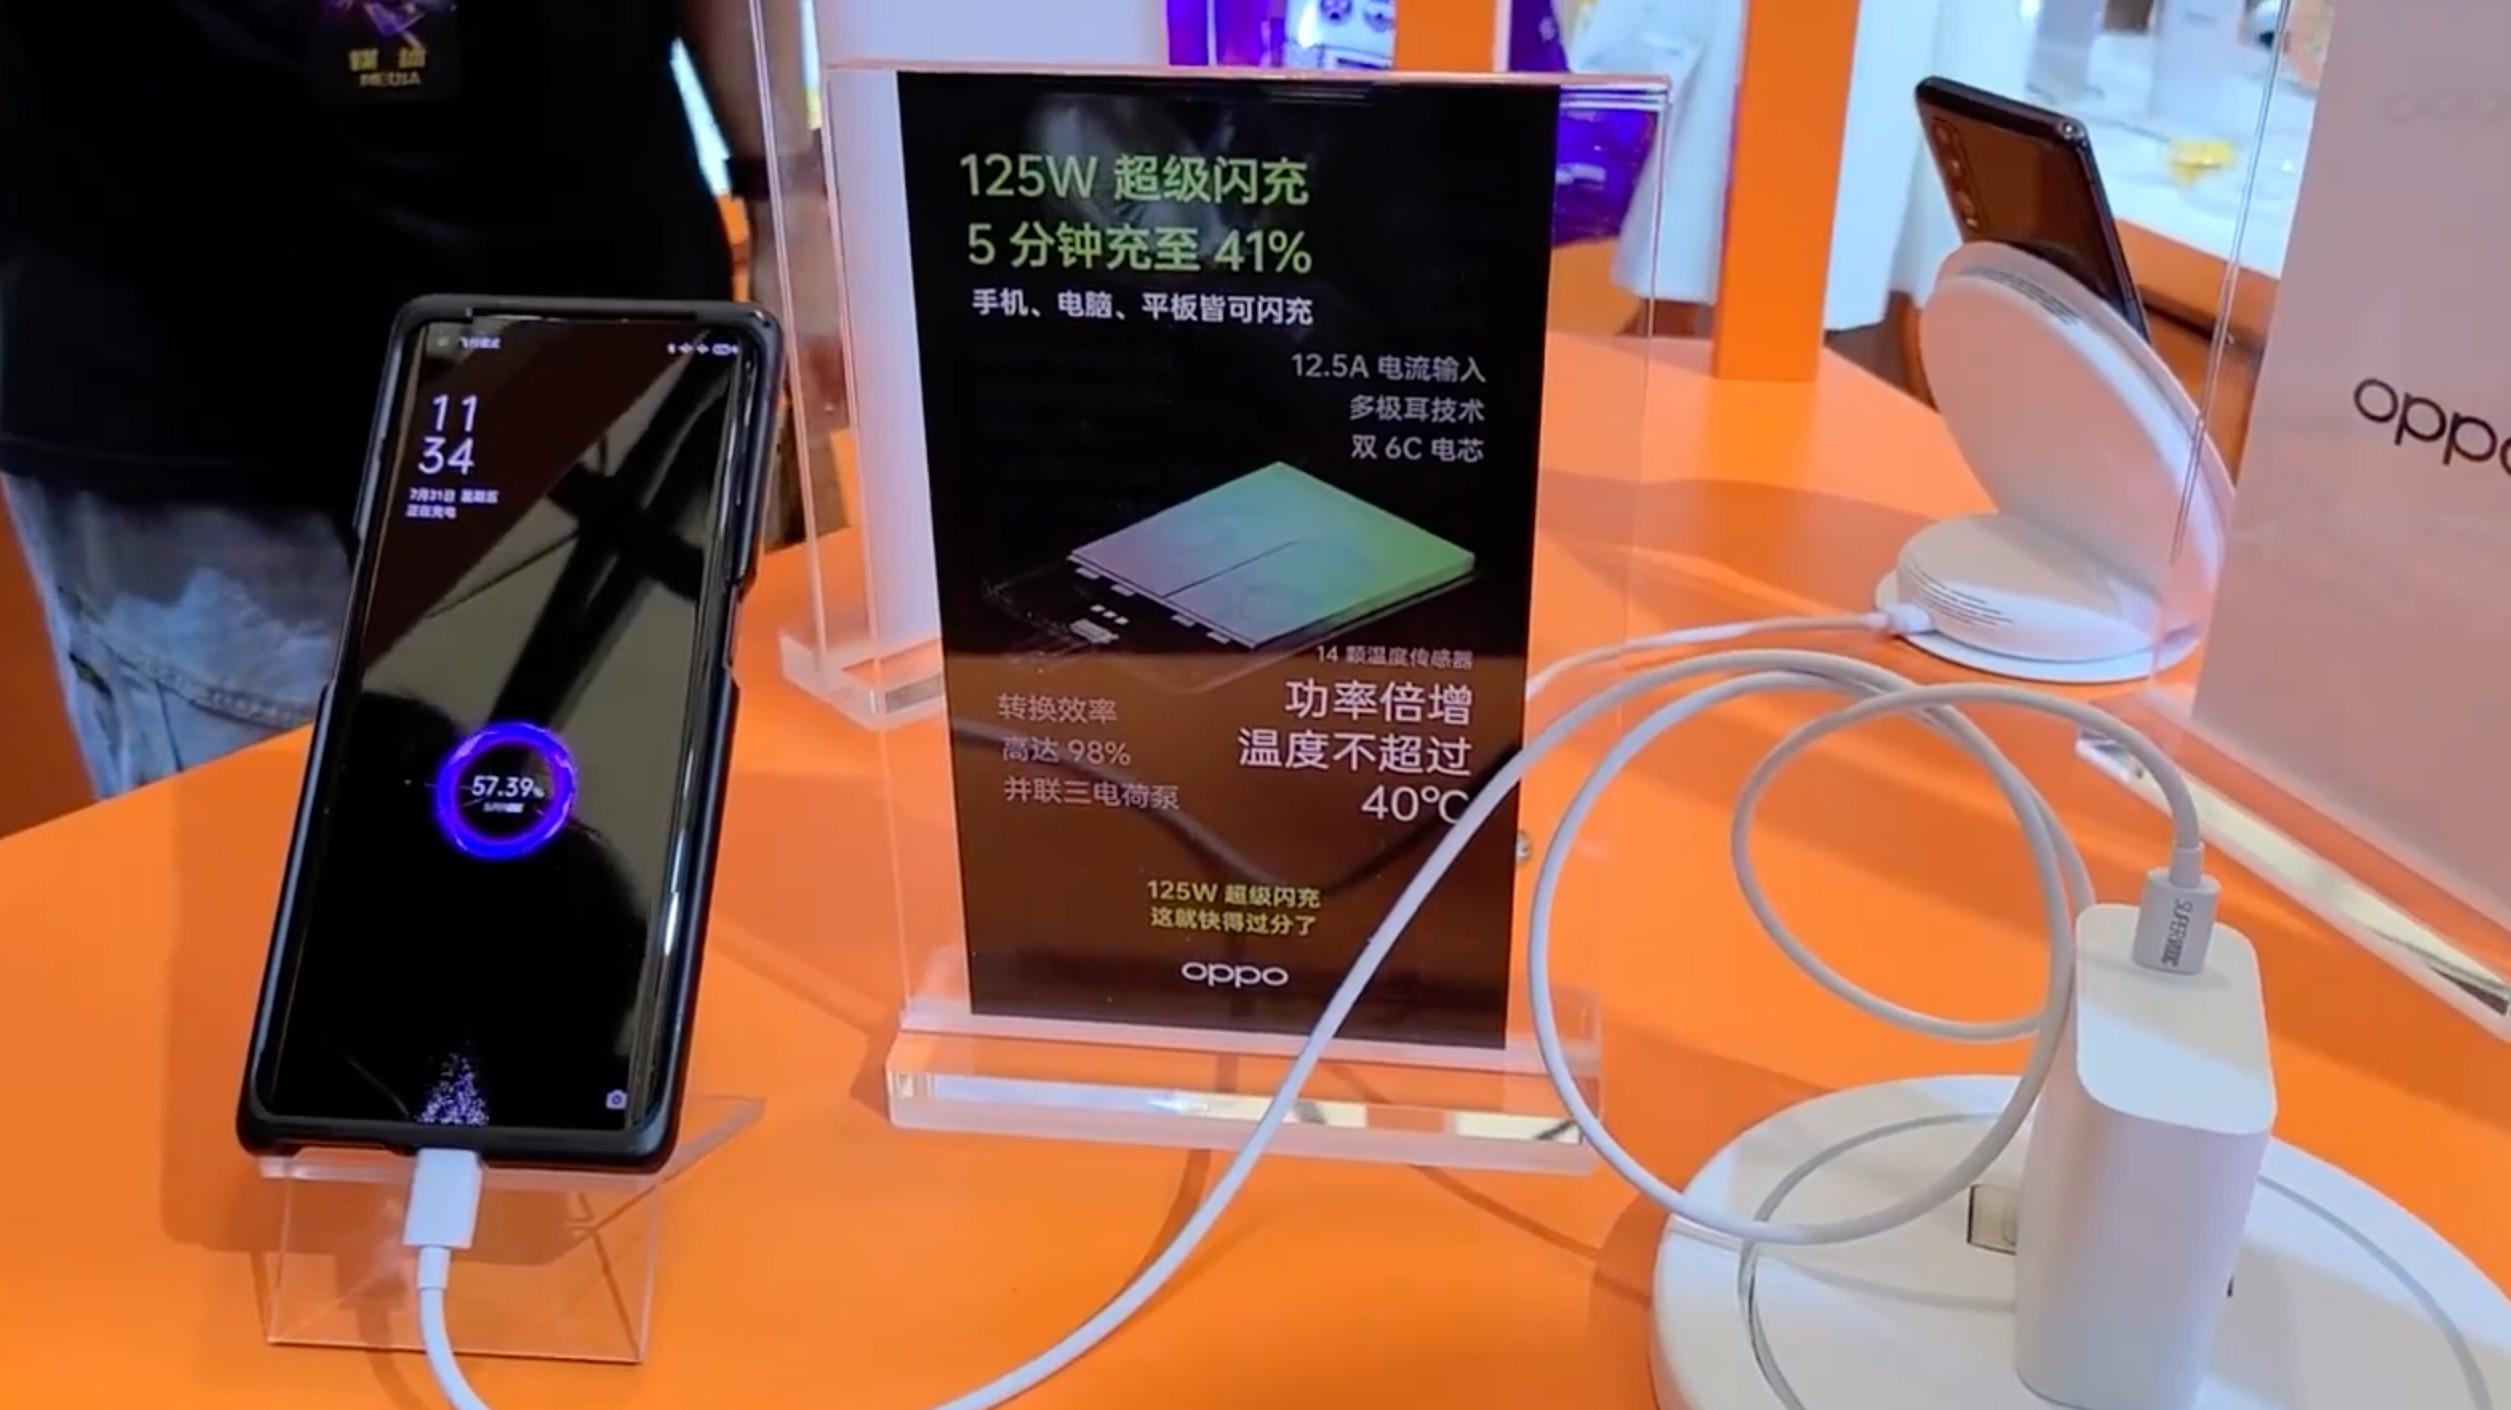 Oppo: 5min pour recharger 41% de batterie grâce à la recharge 125W